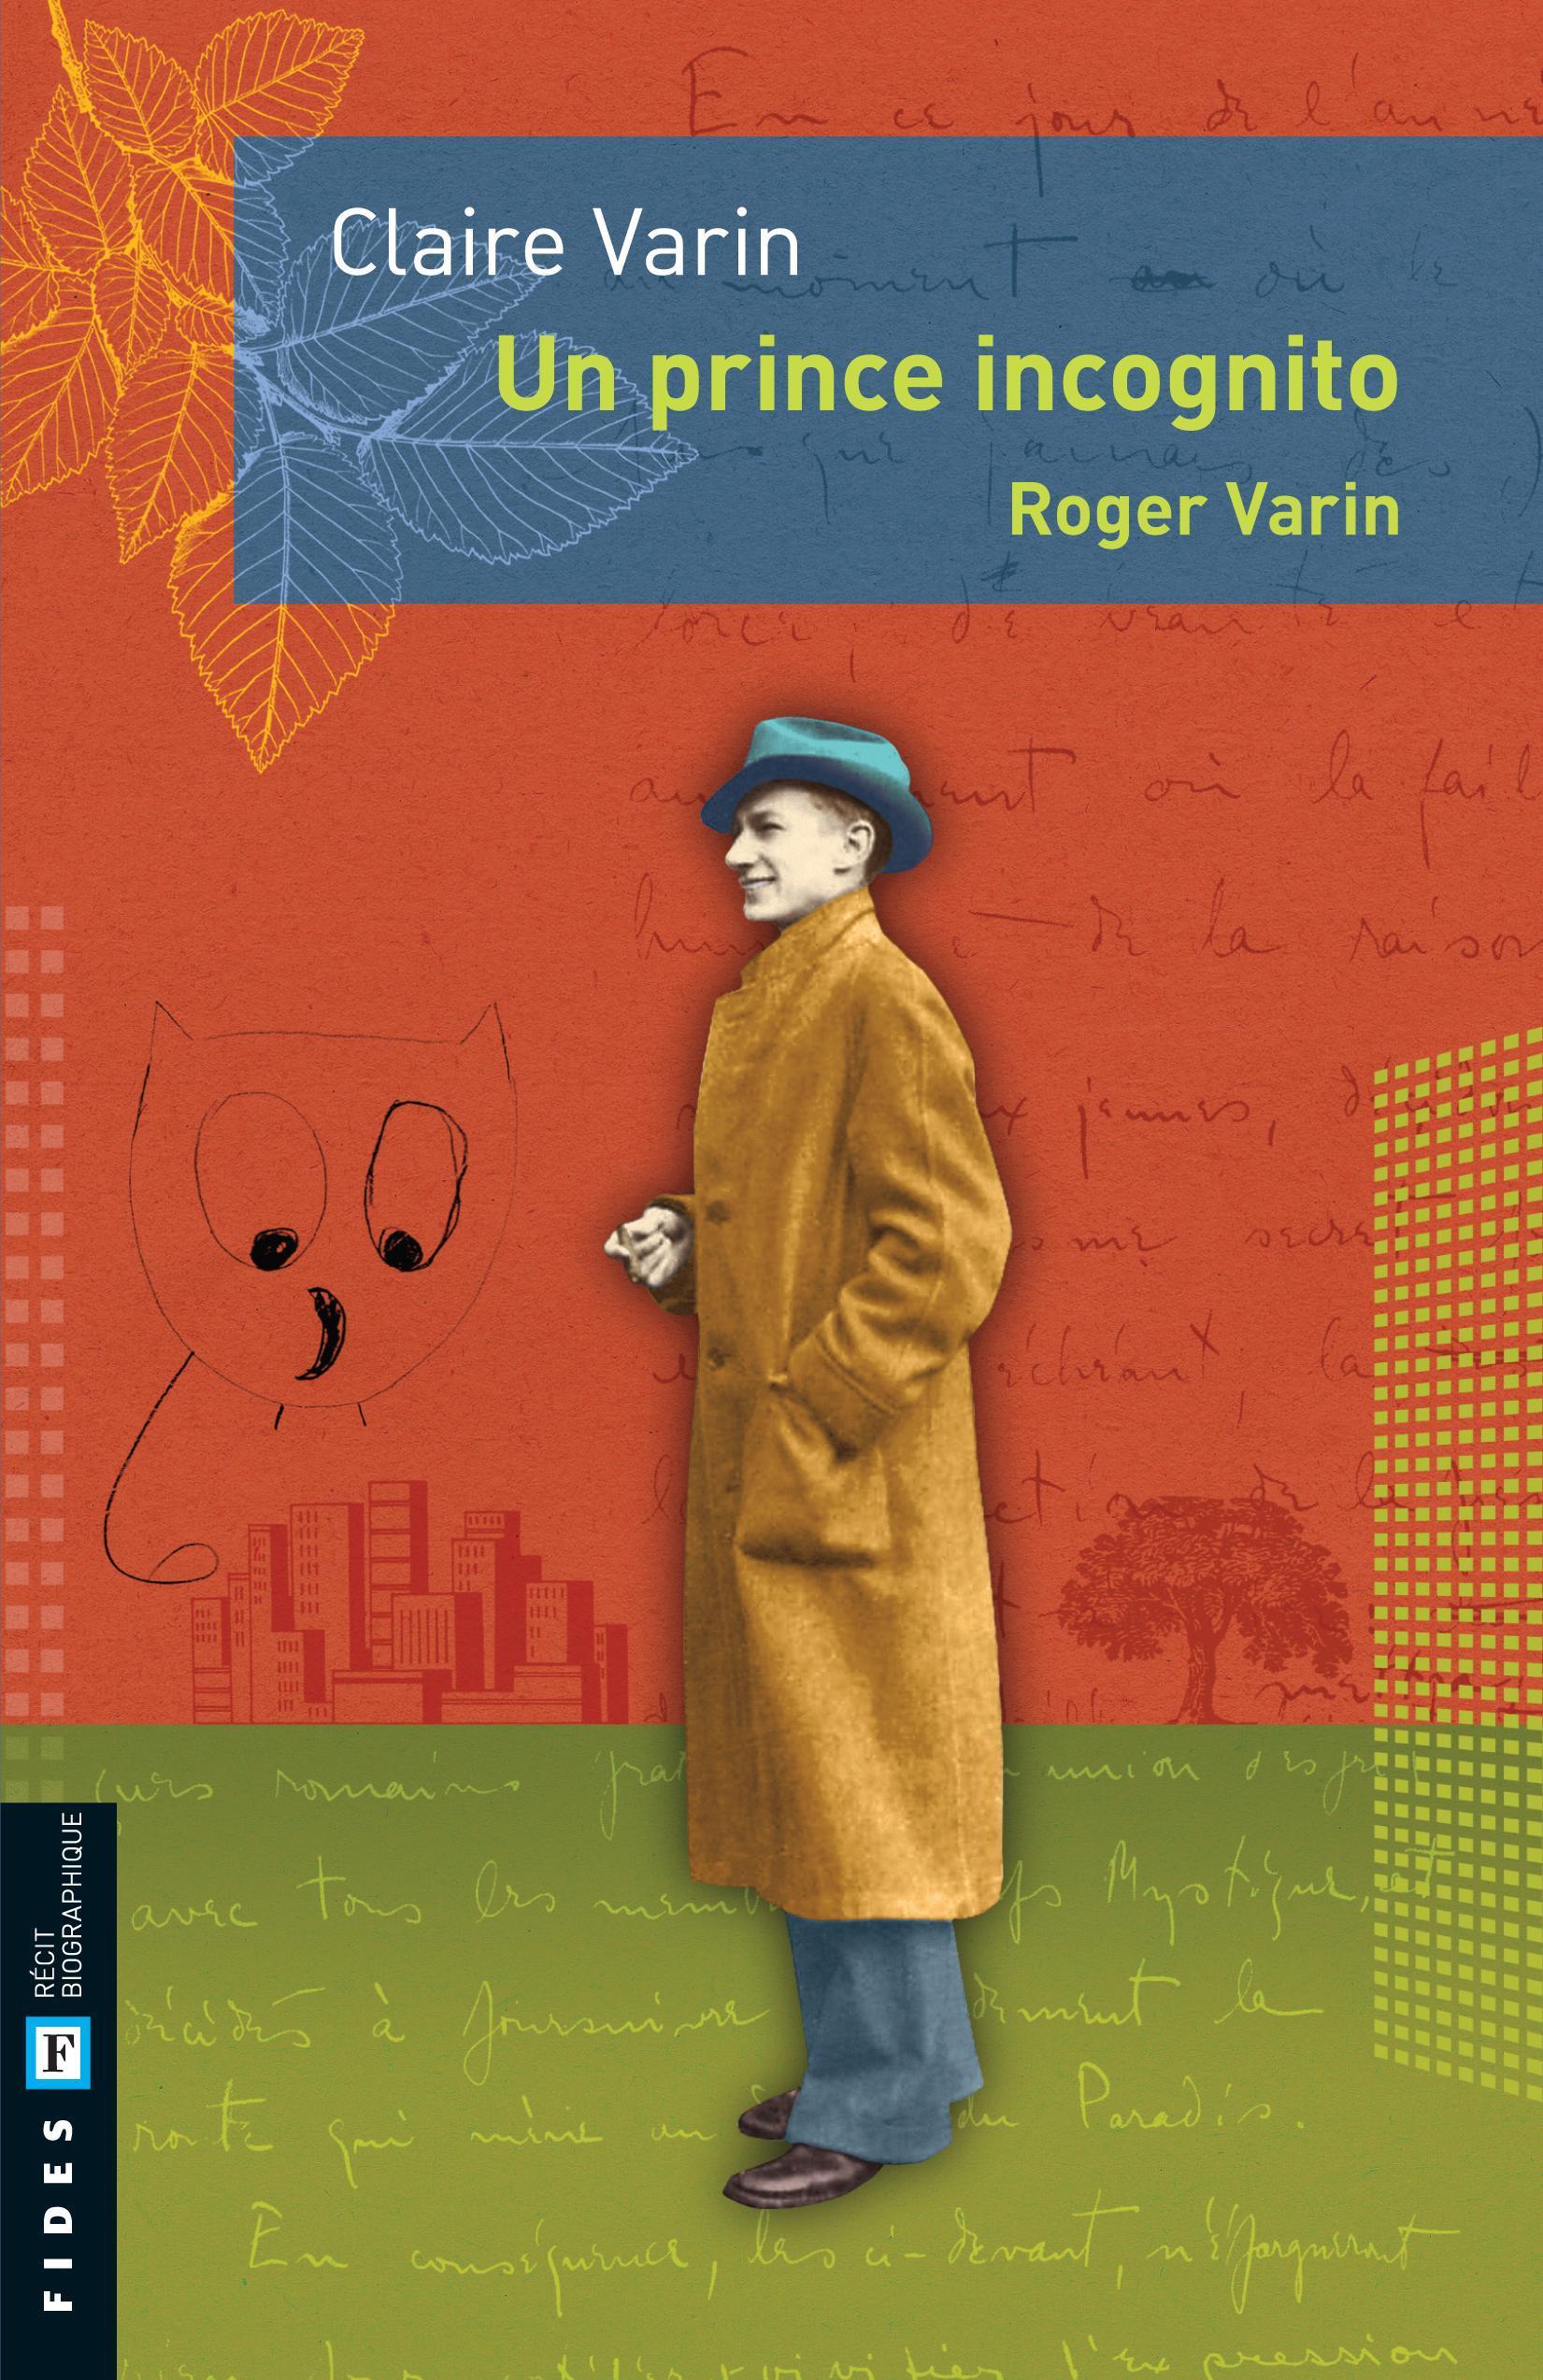 Un prince incognito, Roger Varin